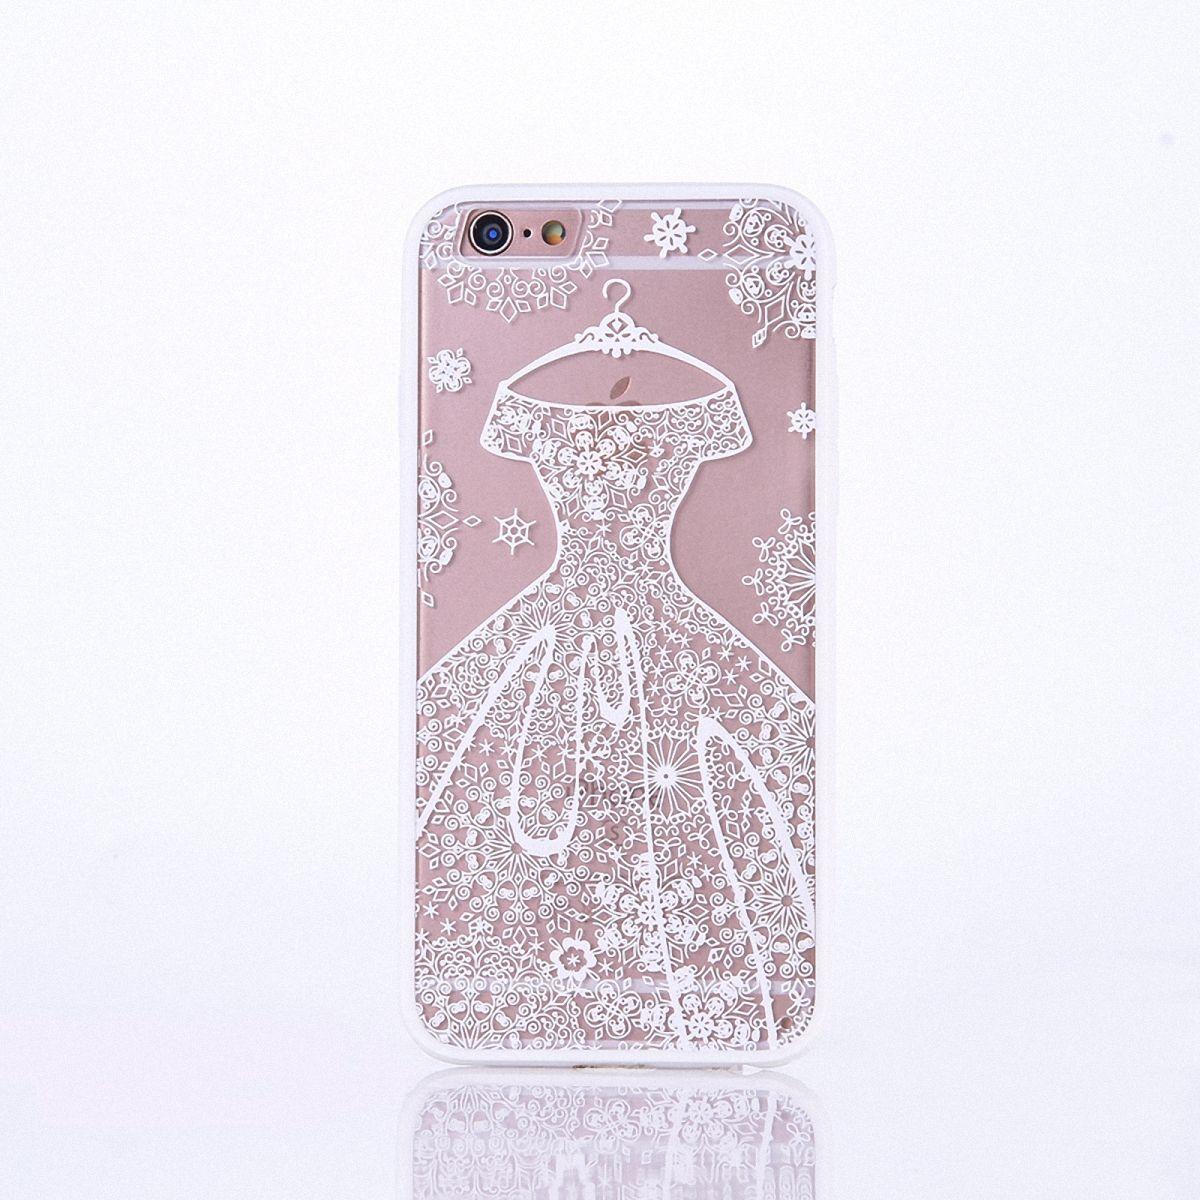 Handy Hülle Mandala für Apple iPhone 8 Plus Design Case Schutzhülle Motiv Kleid Cover Tasche Bumper Weiß